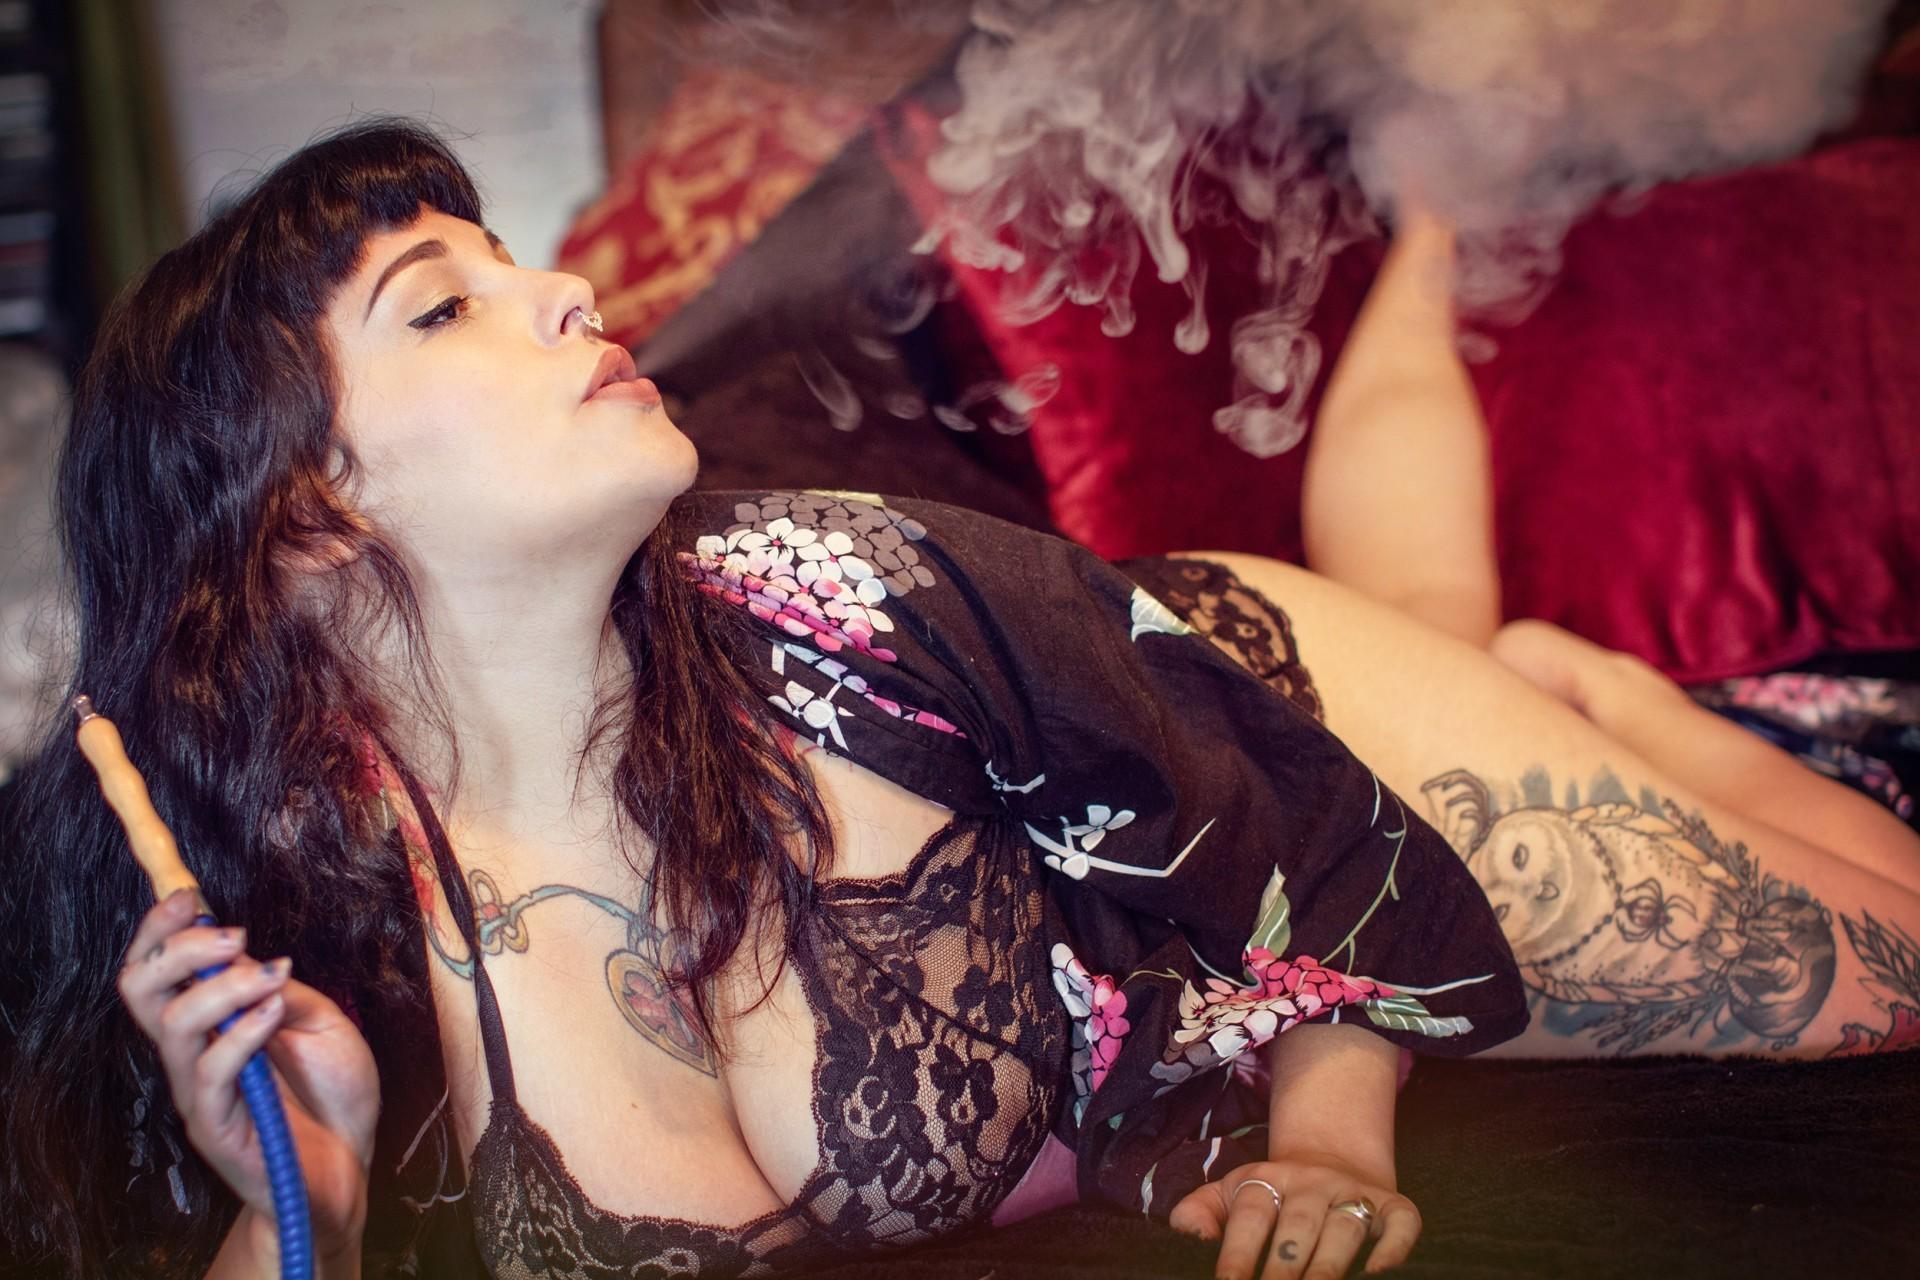 Nude Hostesses - Miss Mermaid